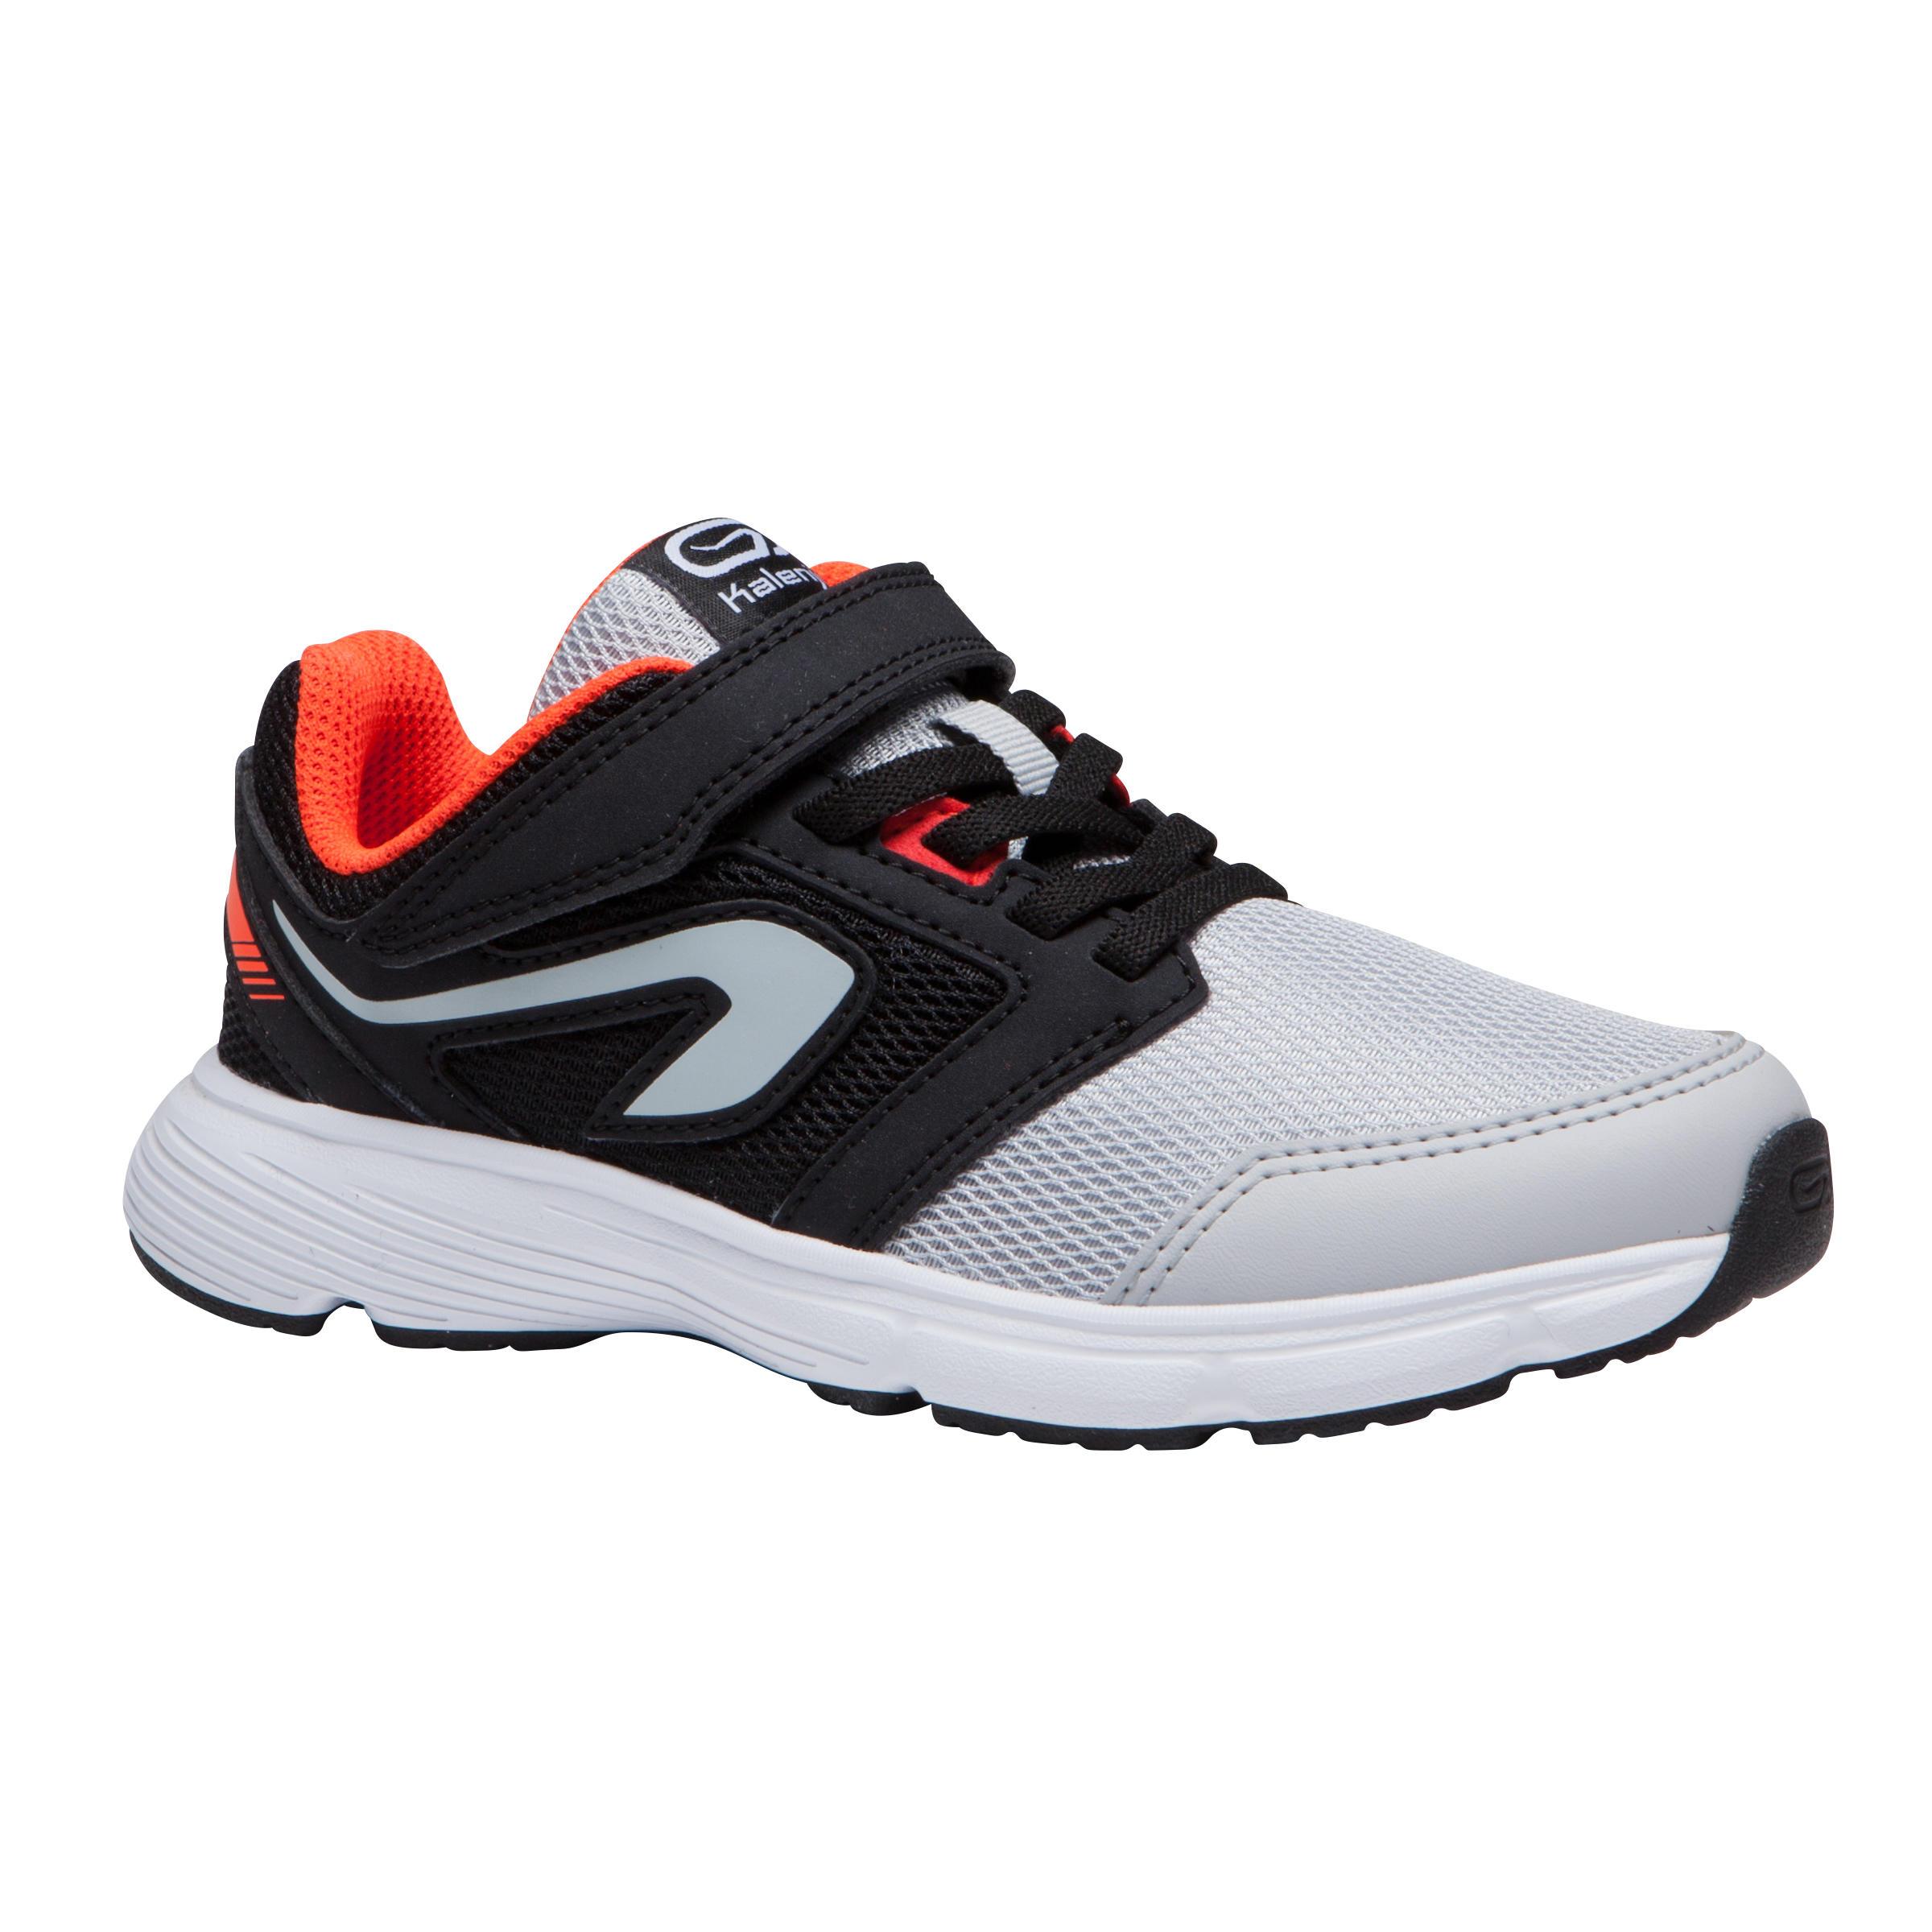 Kalenji Atletiekschoenen voor kinderen Run Support klittenband